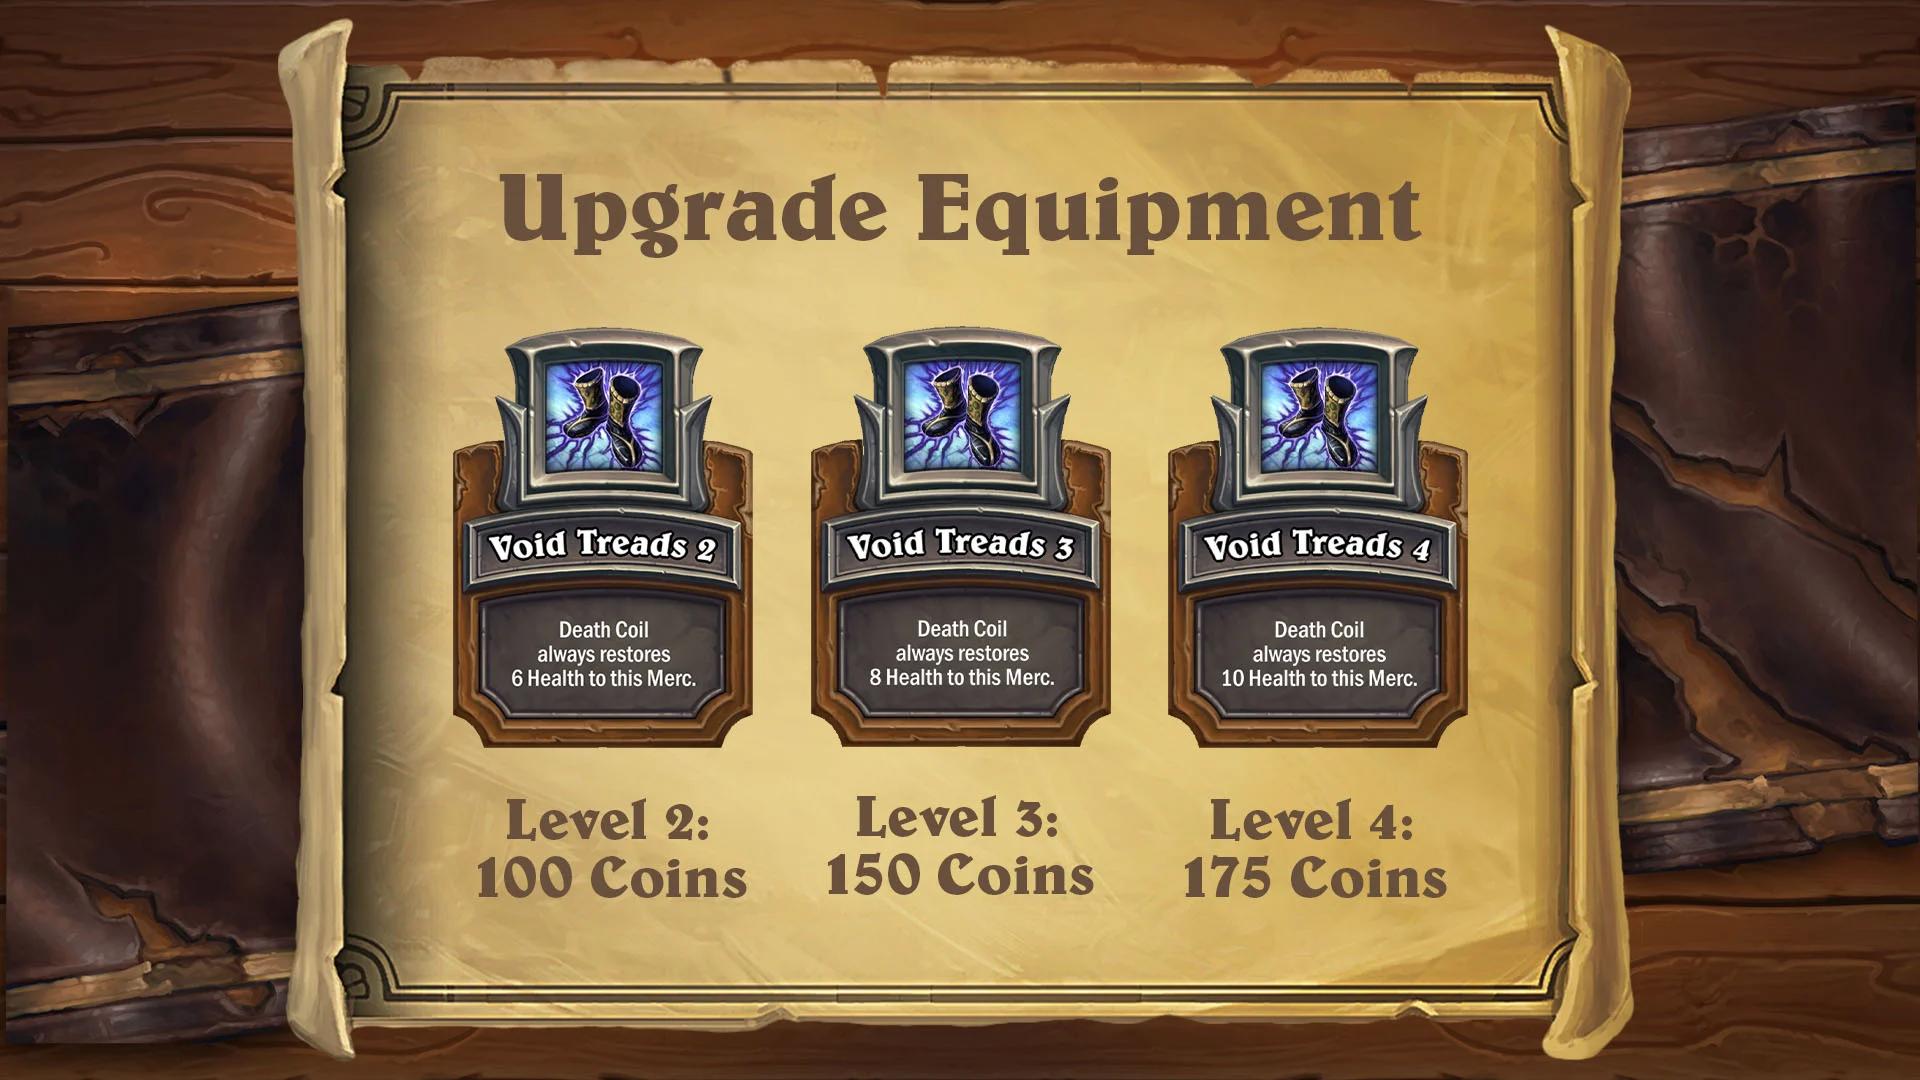 Améliorer son équipement jusqu'au Tier 4